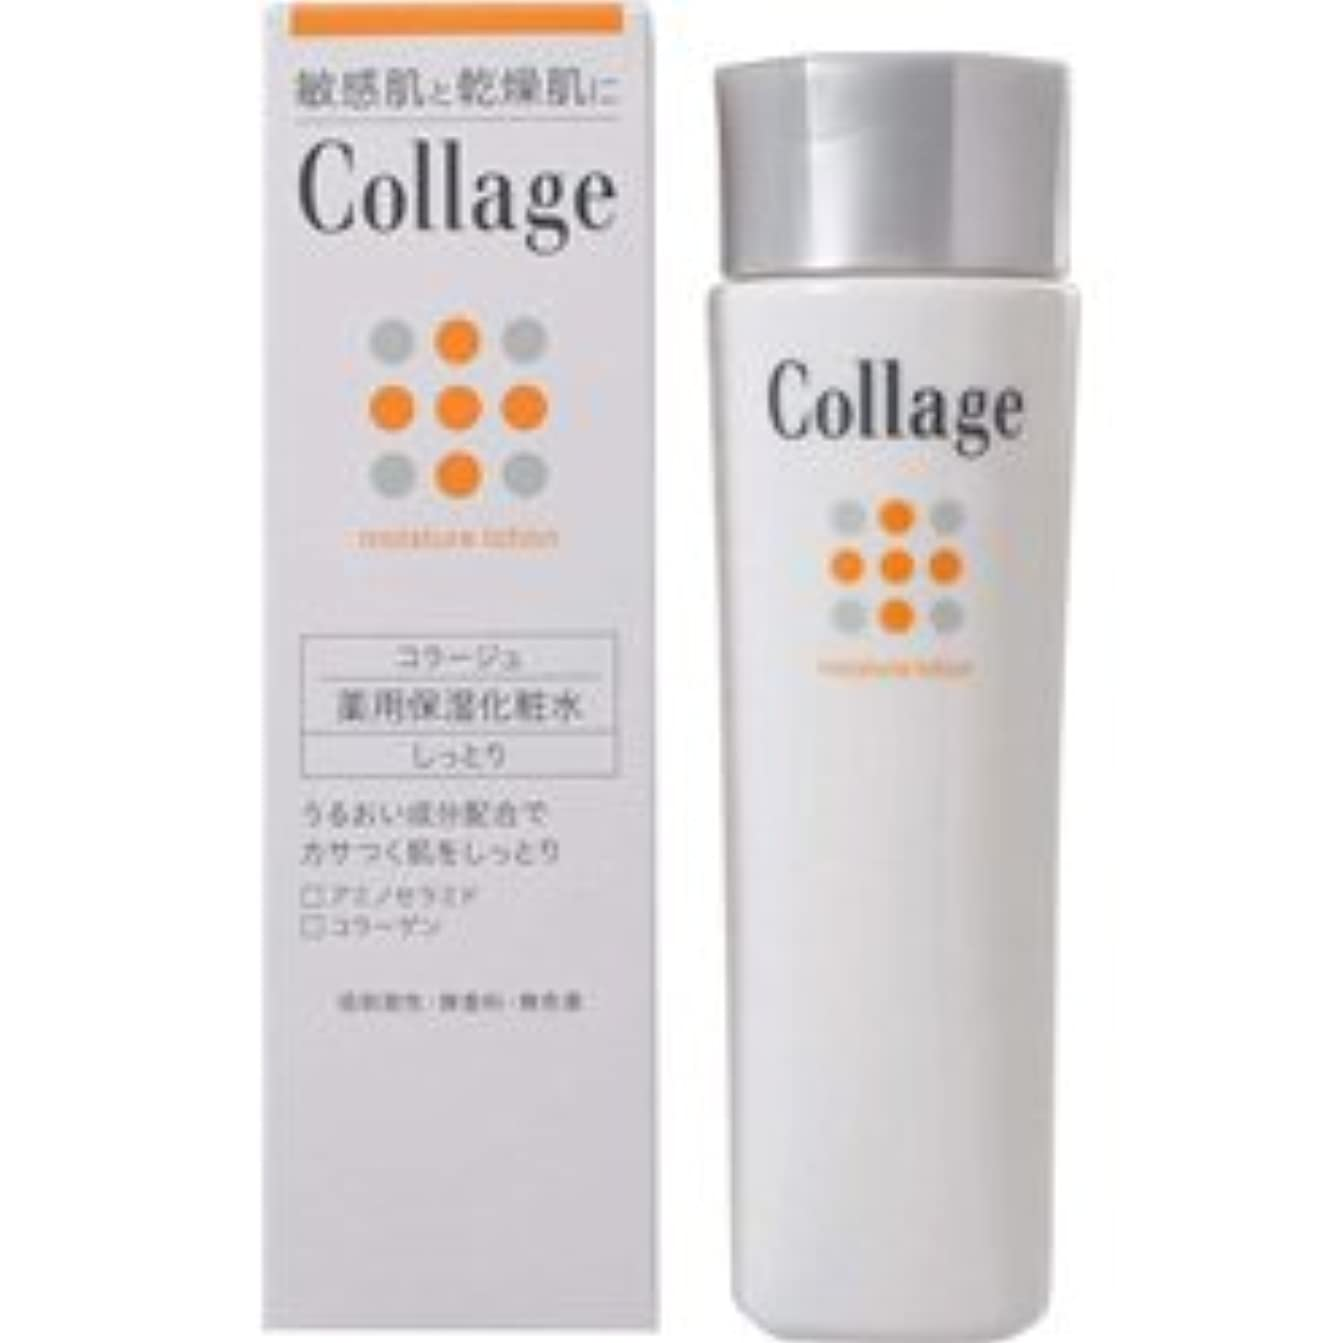 満たす隣接同等の【持田ヘルスケア】 コラージュ薬用保湿化粧水 しっとり 120ml (医薬部外品) ×3個セット